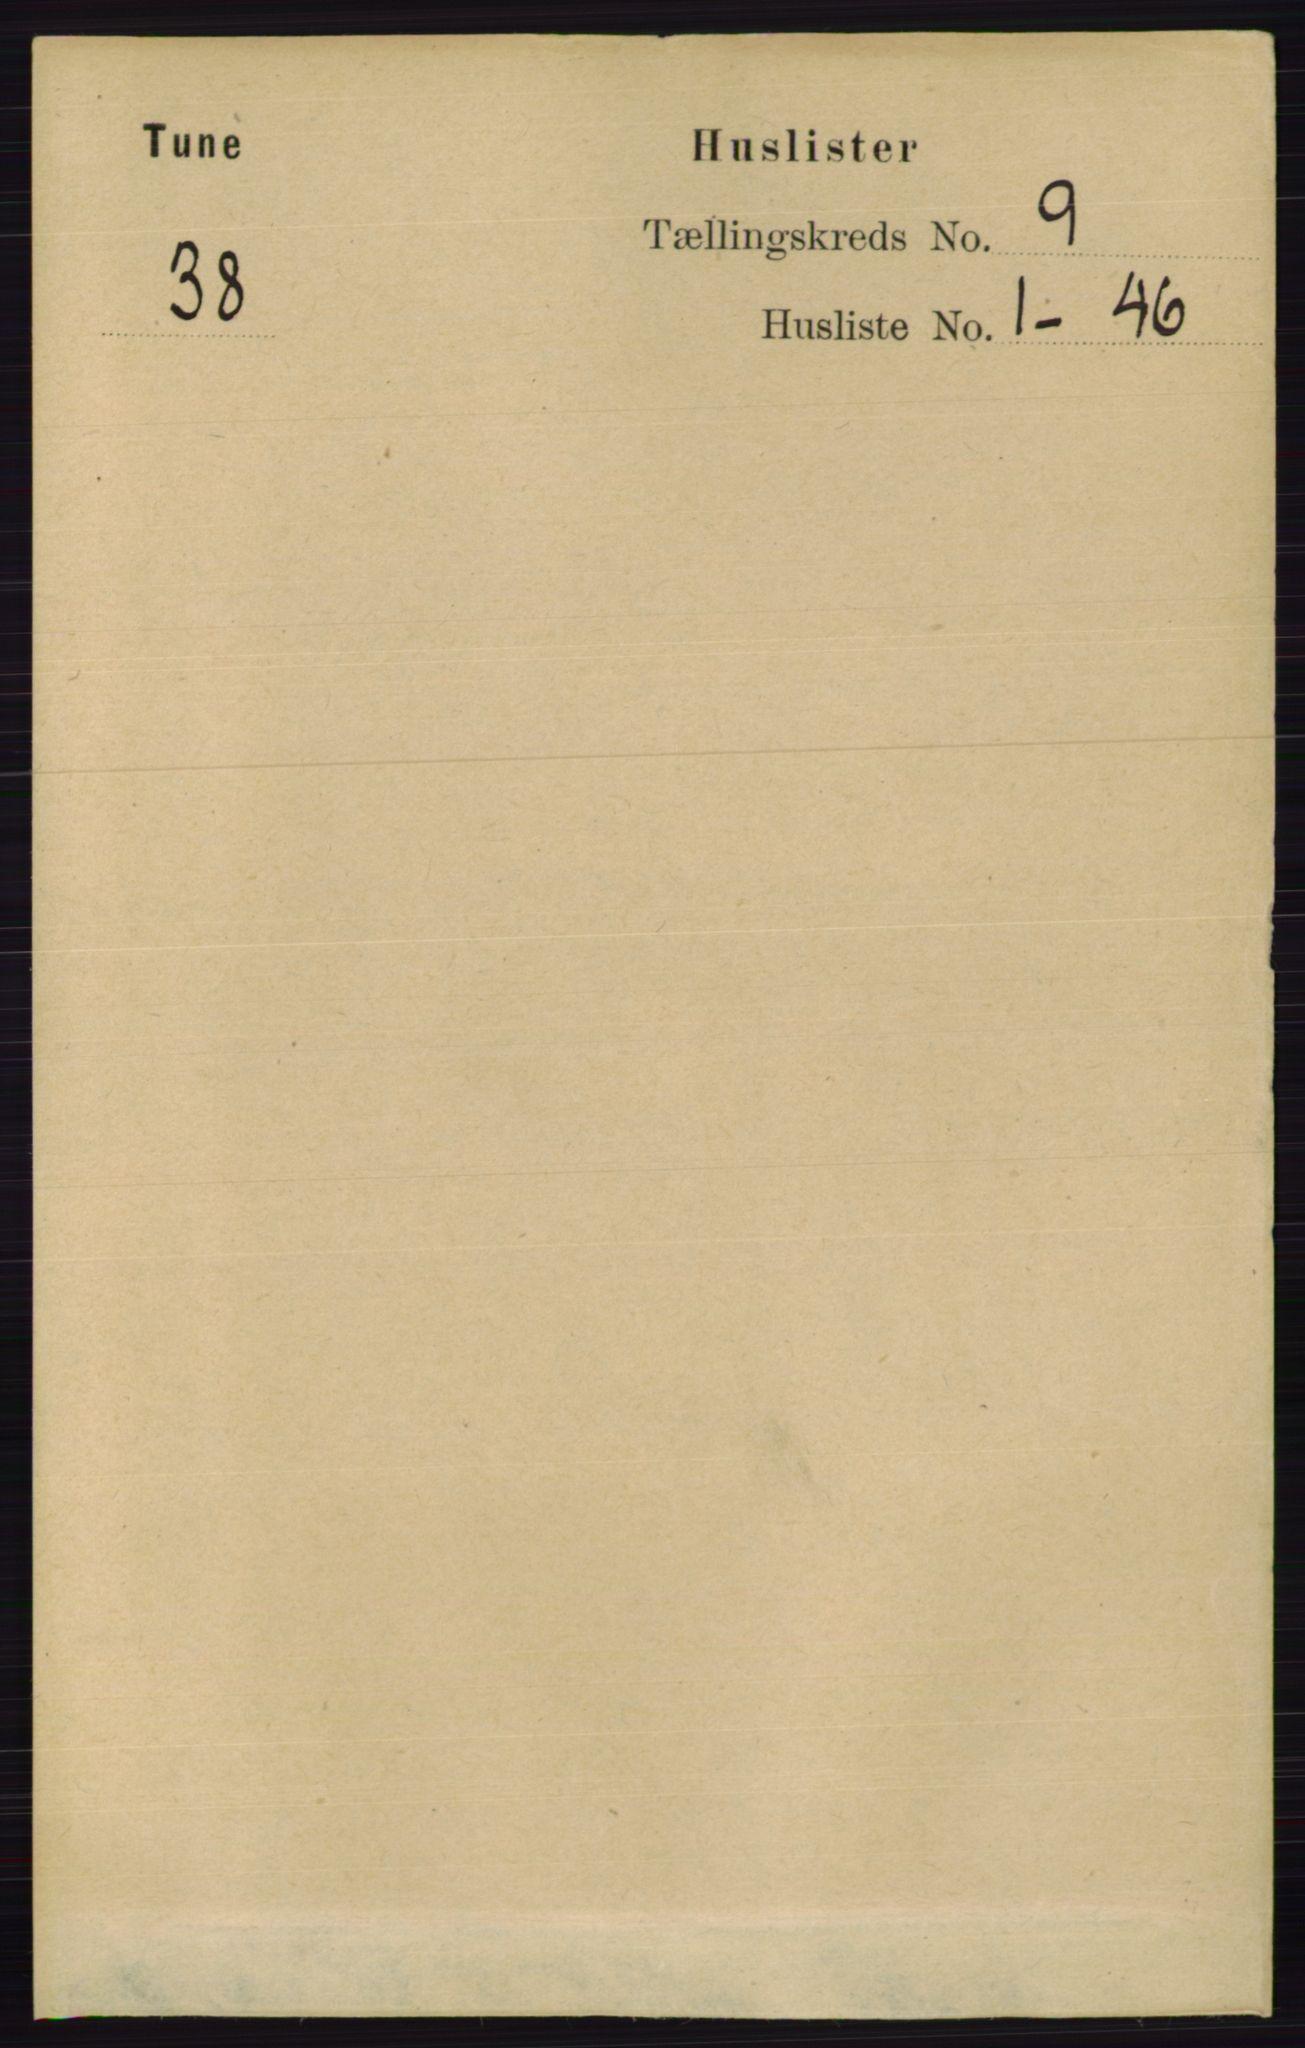 RA, Folketelling 1891 for 0130 Tune herred, 1891, s. 6141